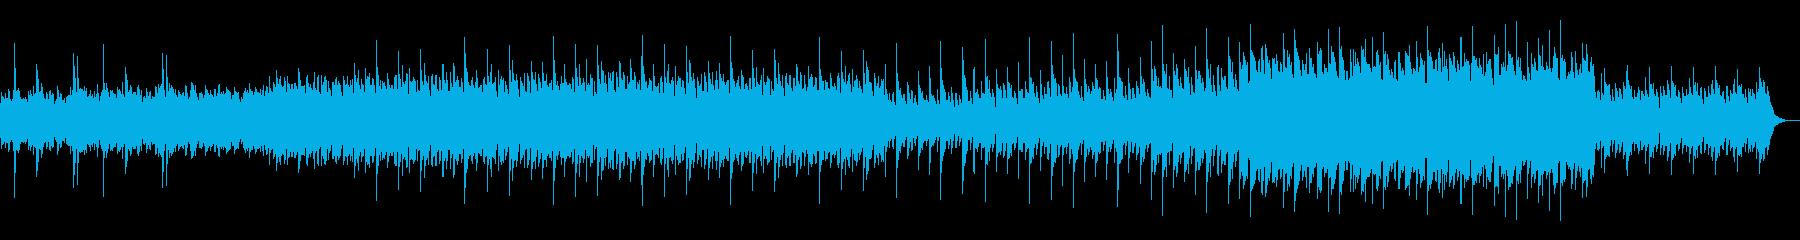 始まりを感じさせる優しいサウンドの再生済みの波形